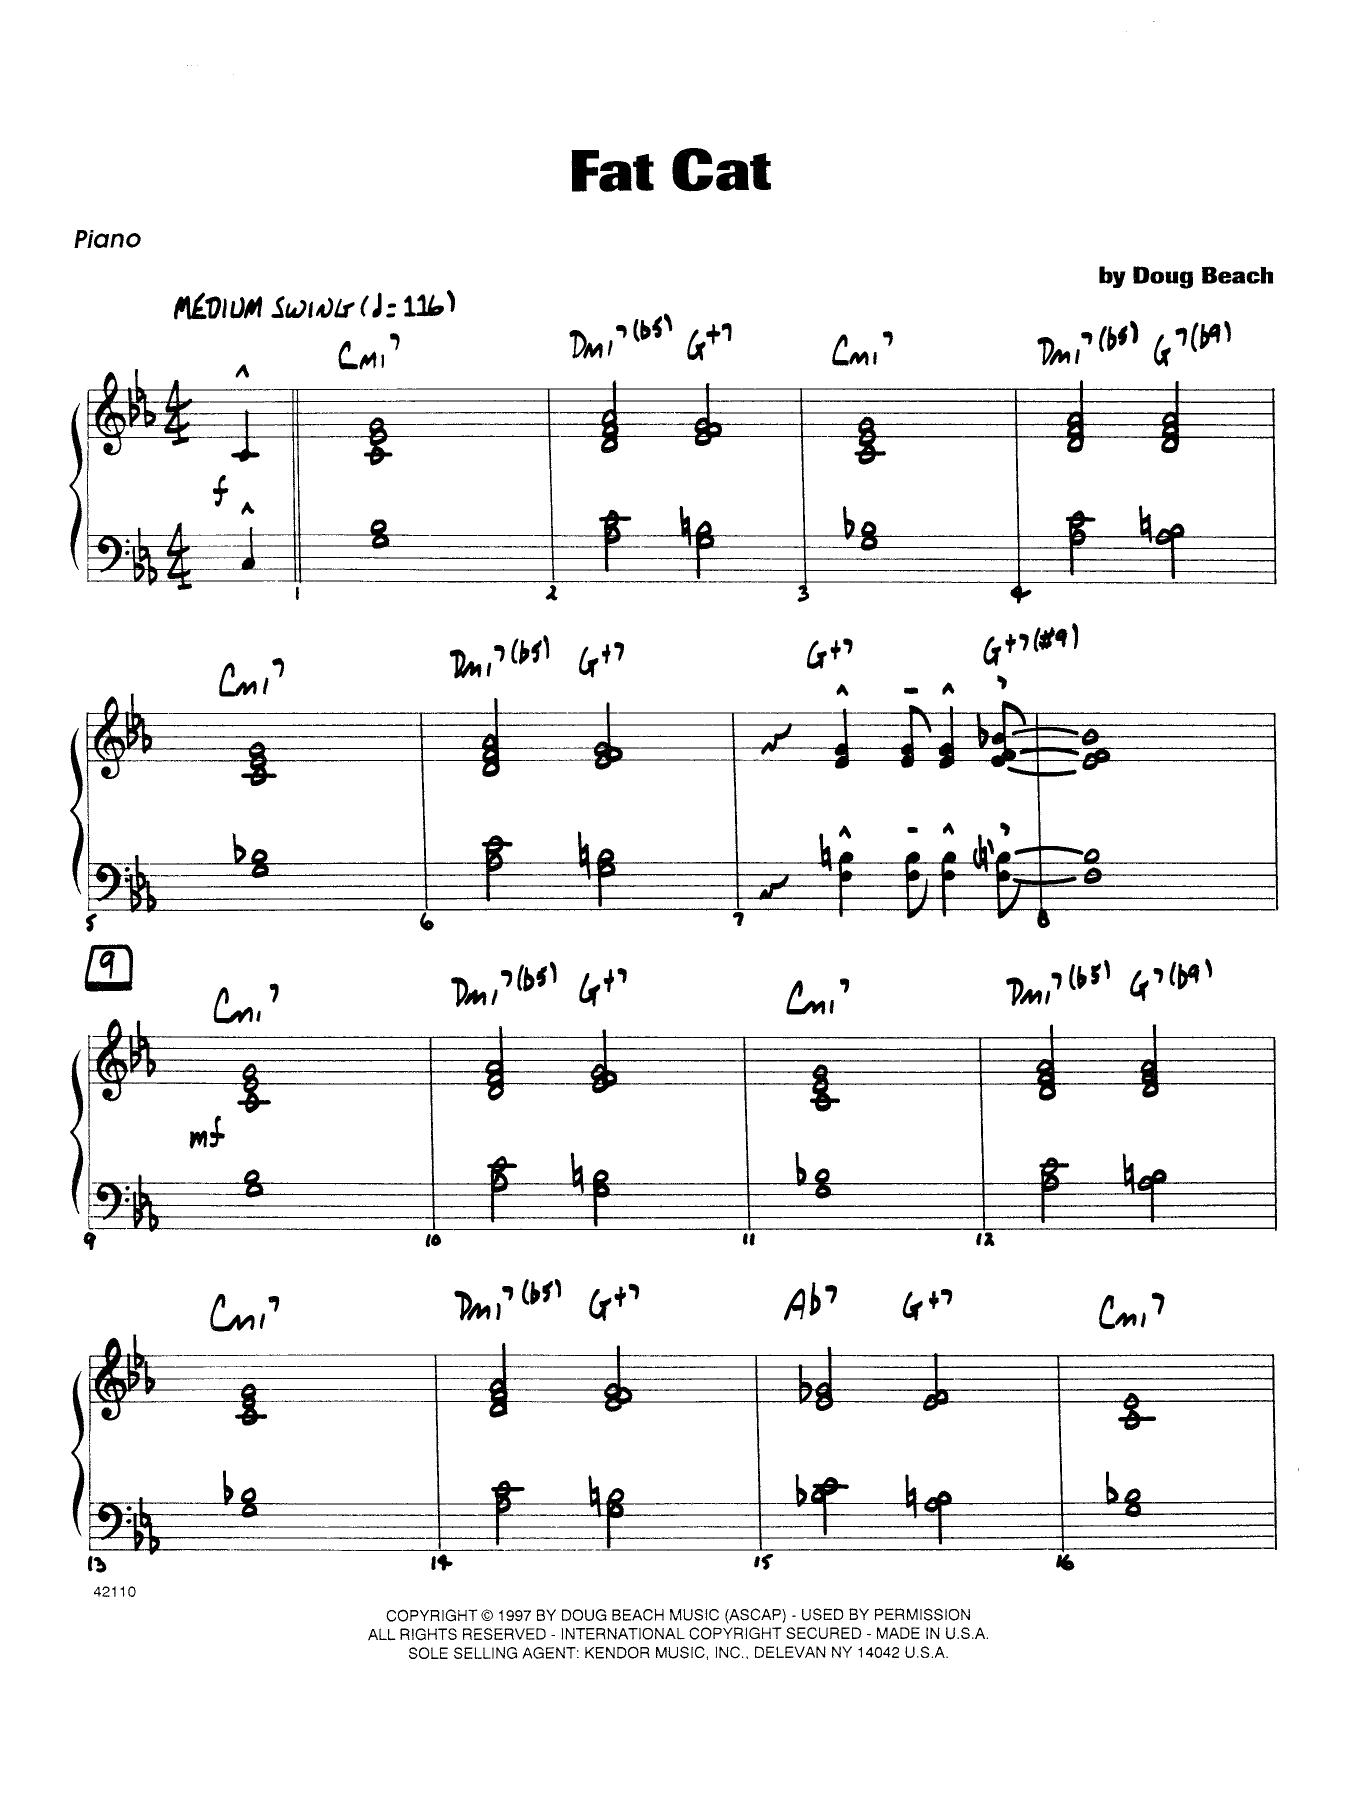 Fat Cat - Piano Sheet Music